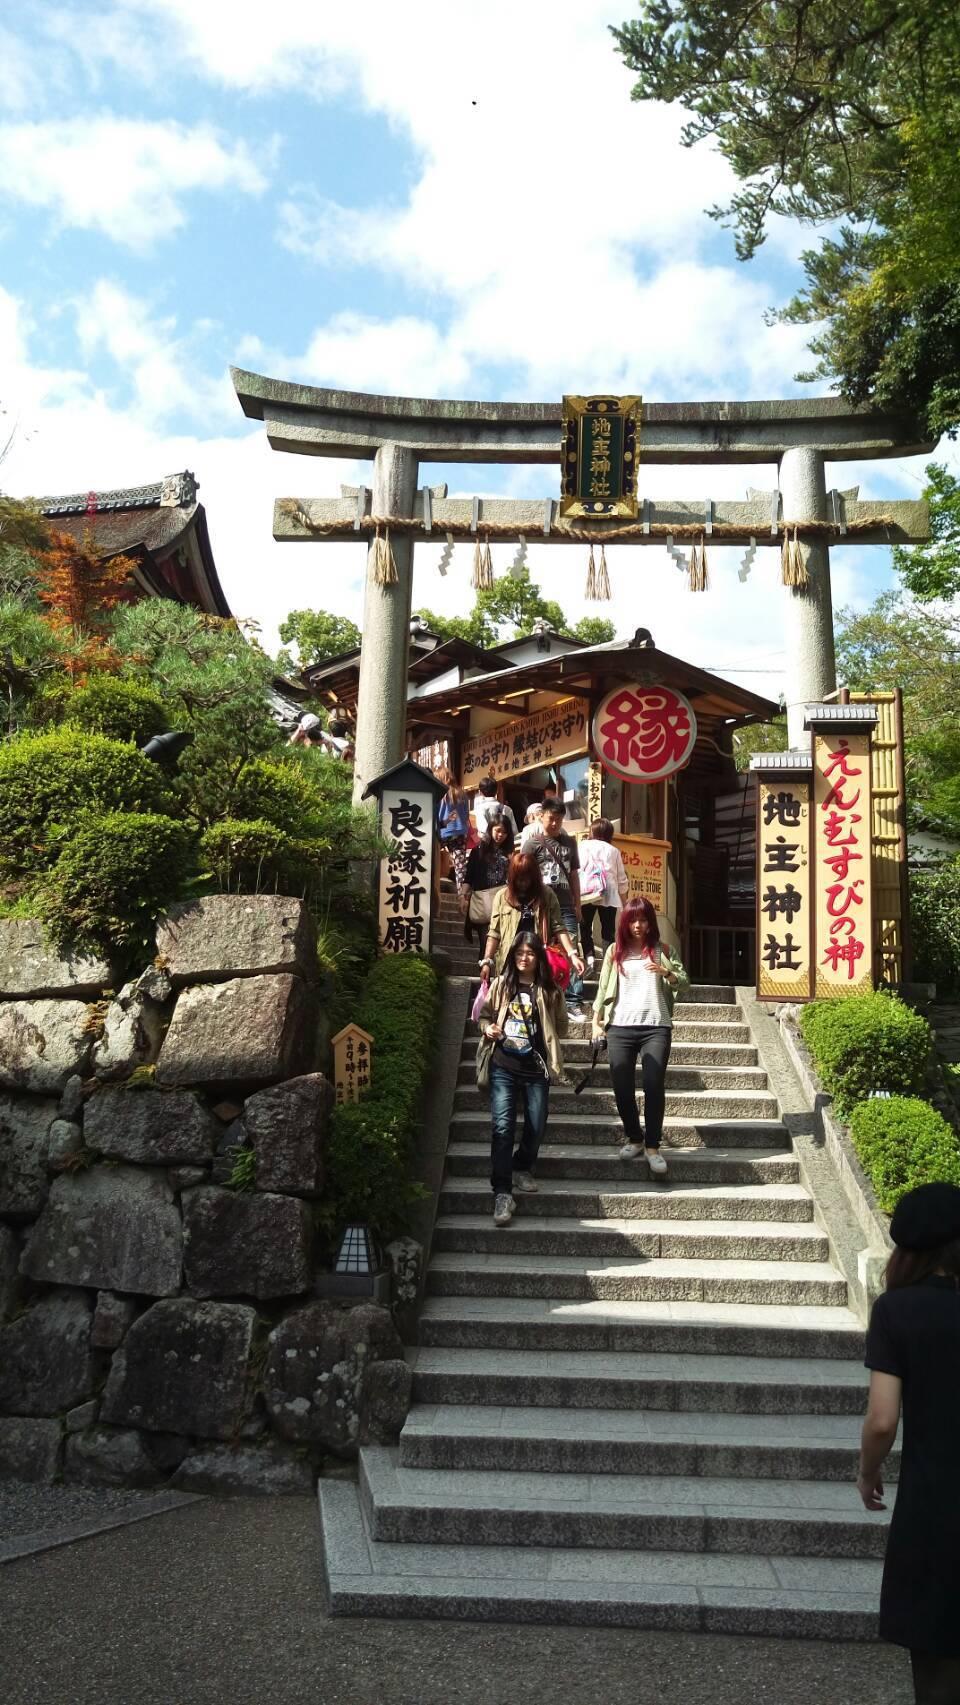 京都知名的求姻緣勝地「地主神社」。記者黃仕揚/攝影